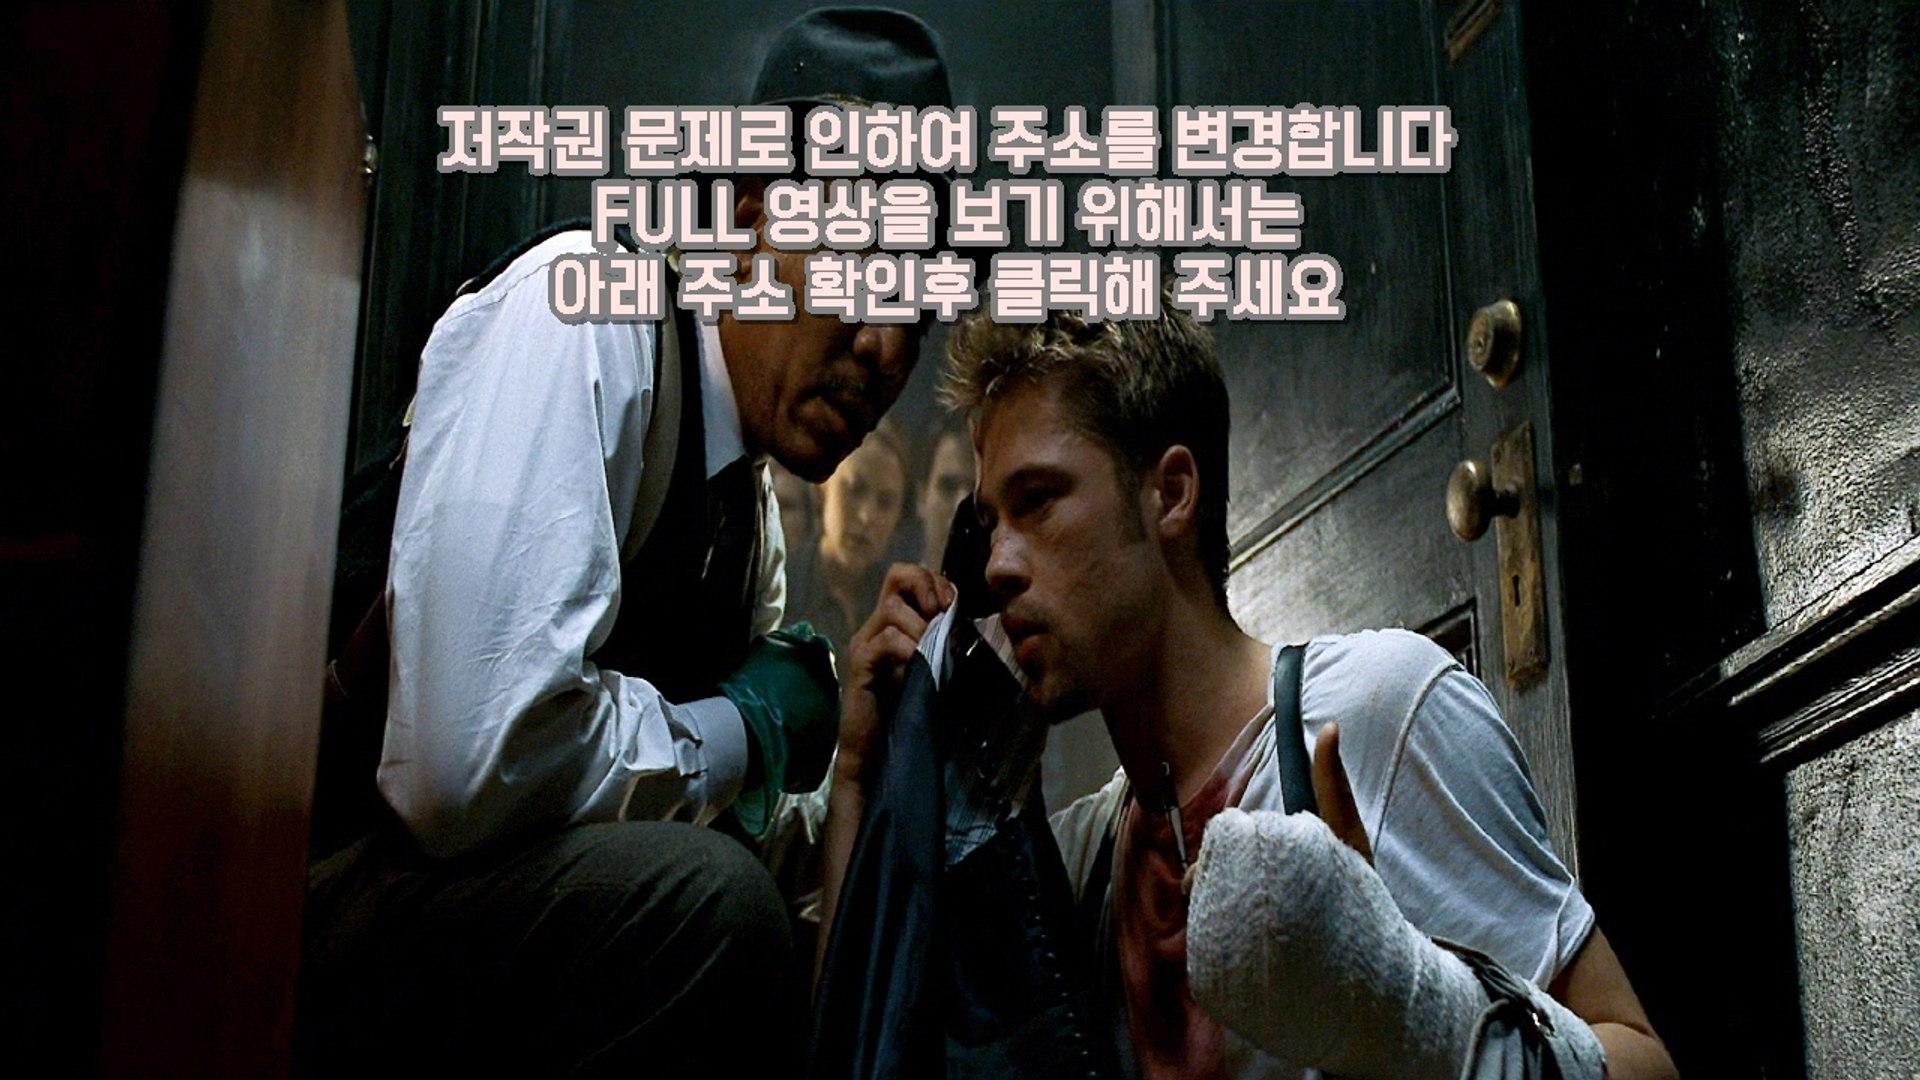 [다시보기] - 세븐 full 다운받기